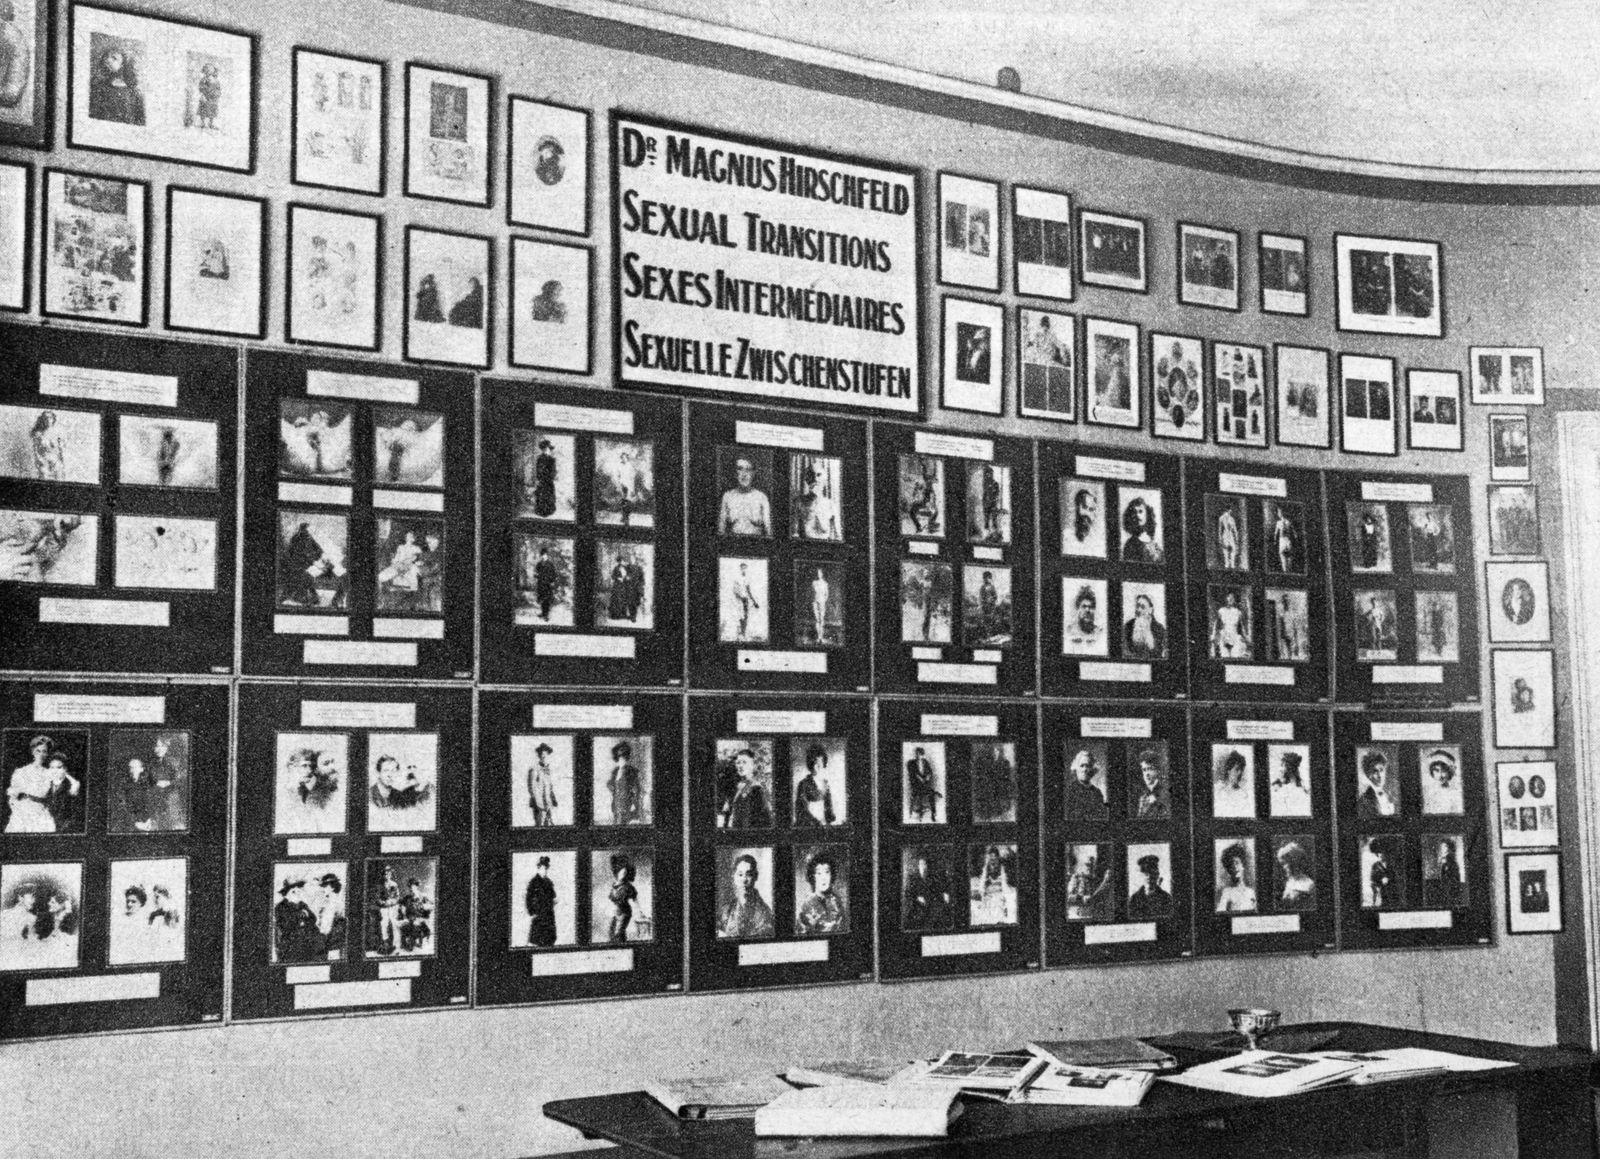 Hirschfelds Archiv mit Schautafeln sexueller Zwischenstufen